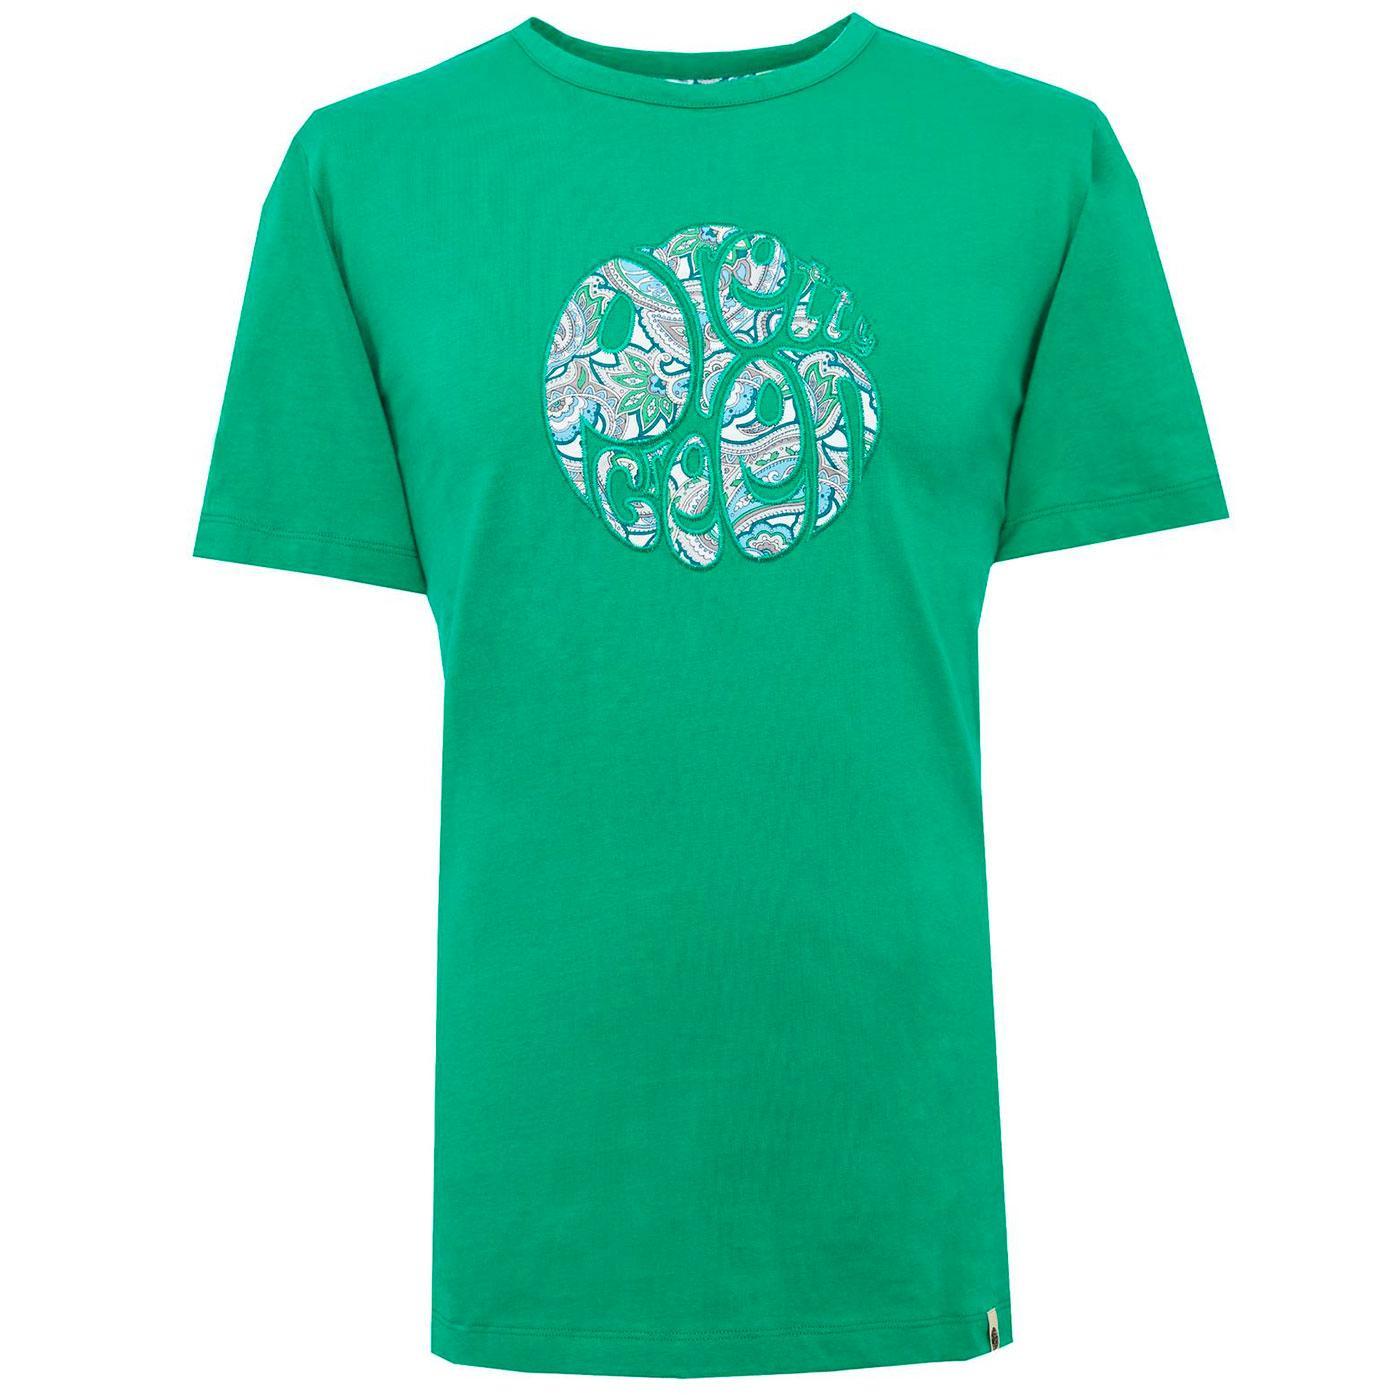 PRETTY GREEN Mod Paisley Applique Logo Tee (Green)